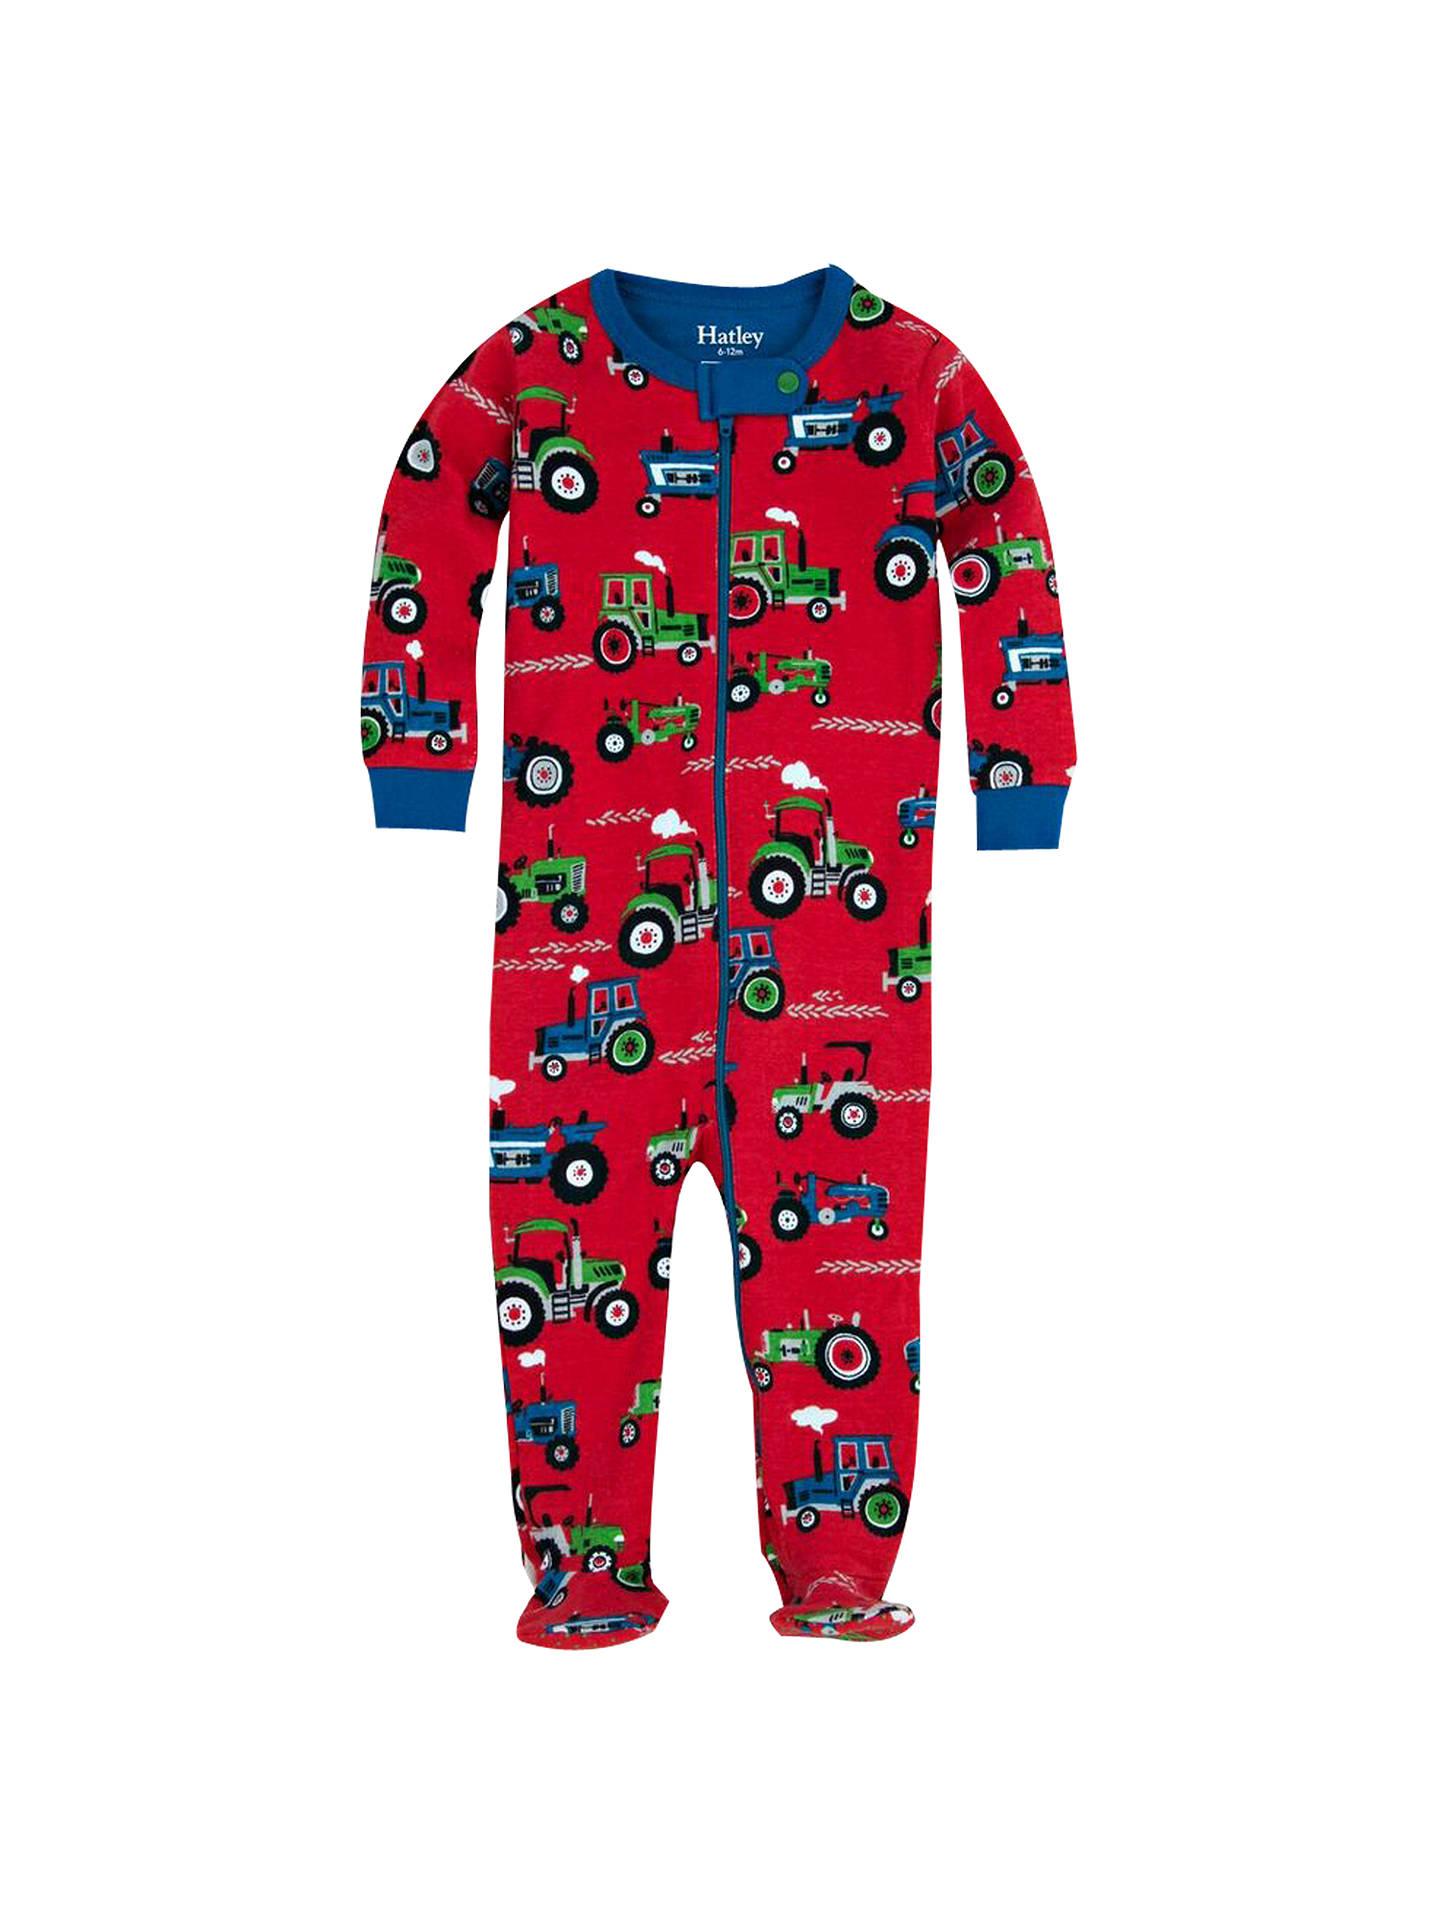 61bead8f4c BuyHatley Baby Farm Tractor Sleepsuit